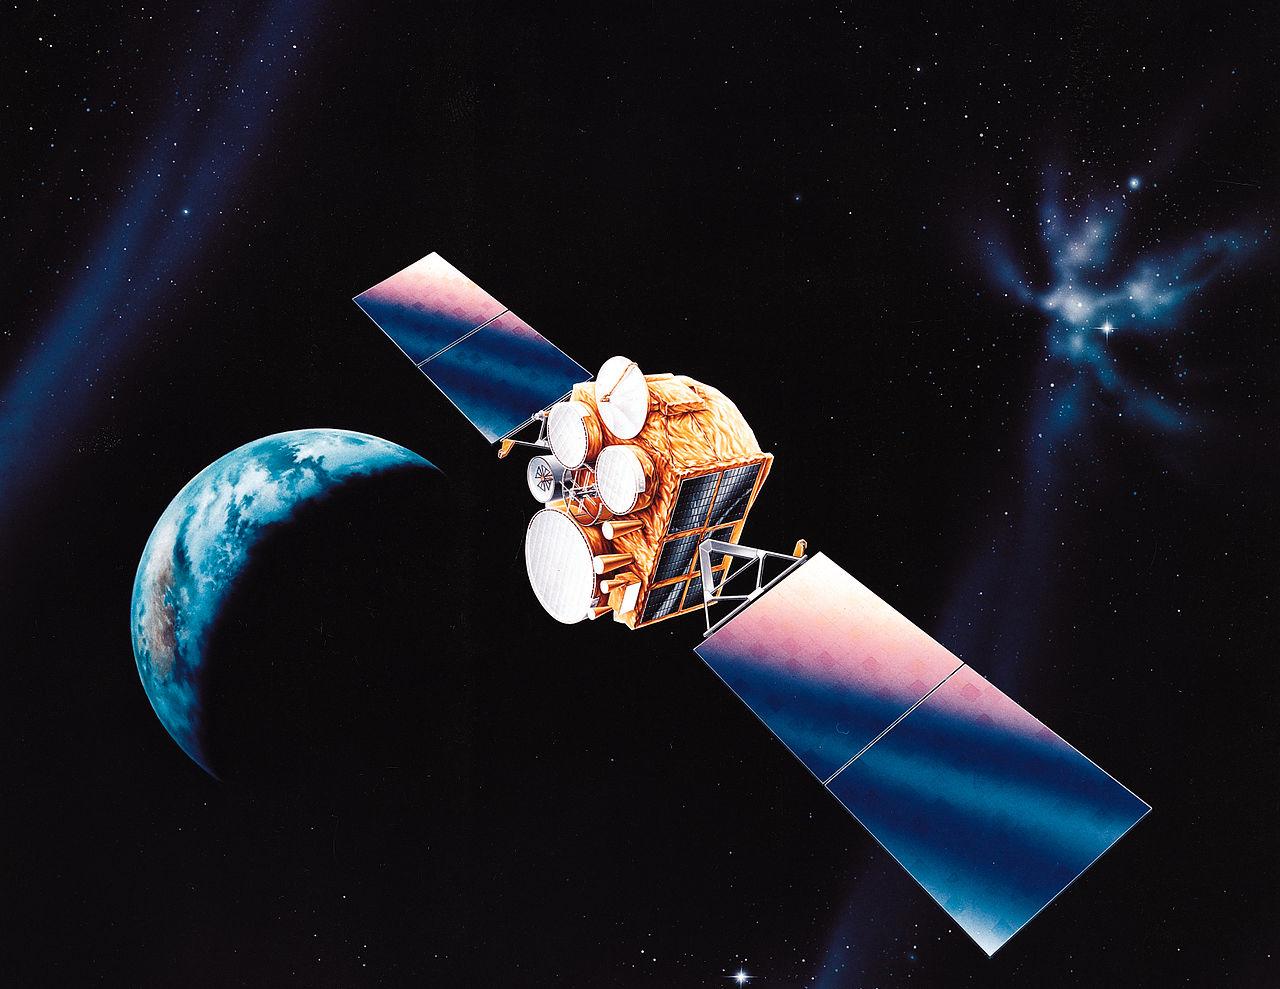 Modell eines modernen Kommunikationssatelliten